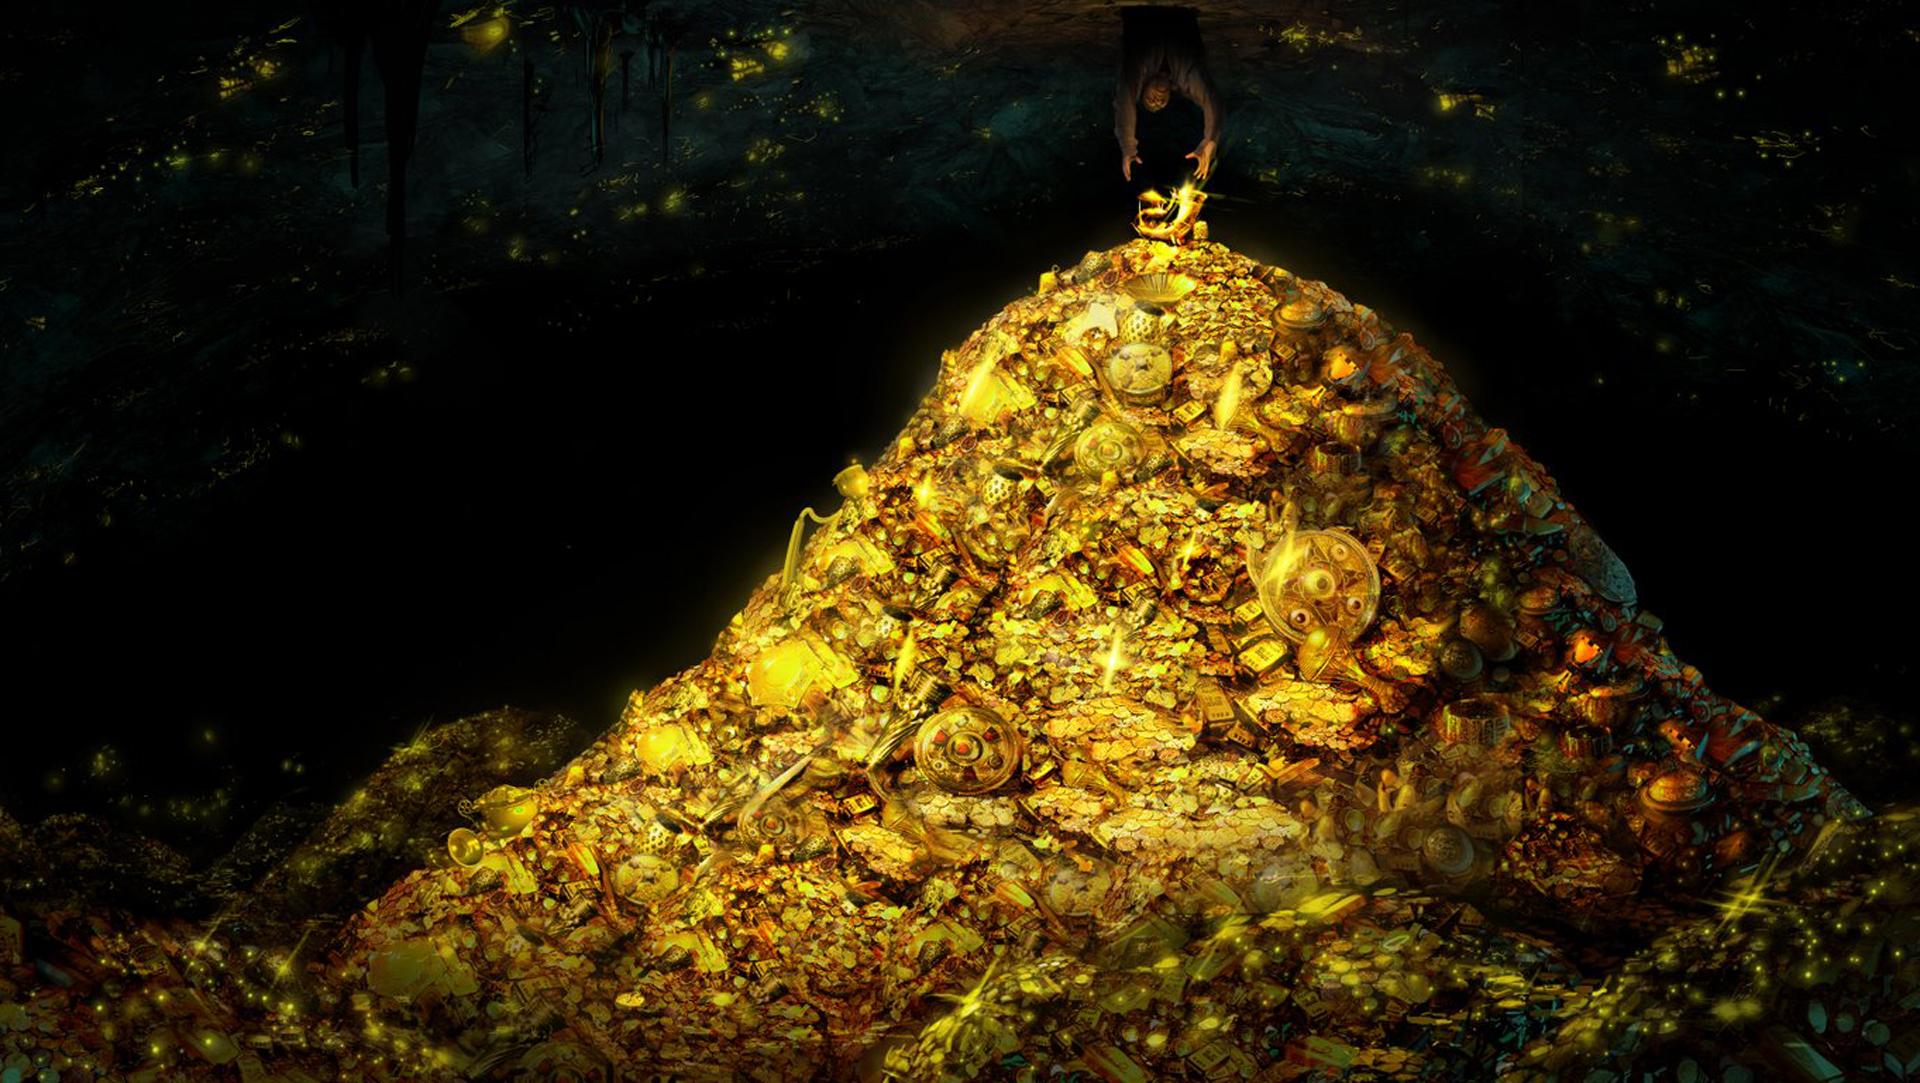 Las otras seis bóvedas tenían tesoros por un valor aproximado 22 mil millones de dólares